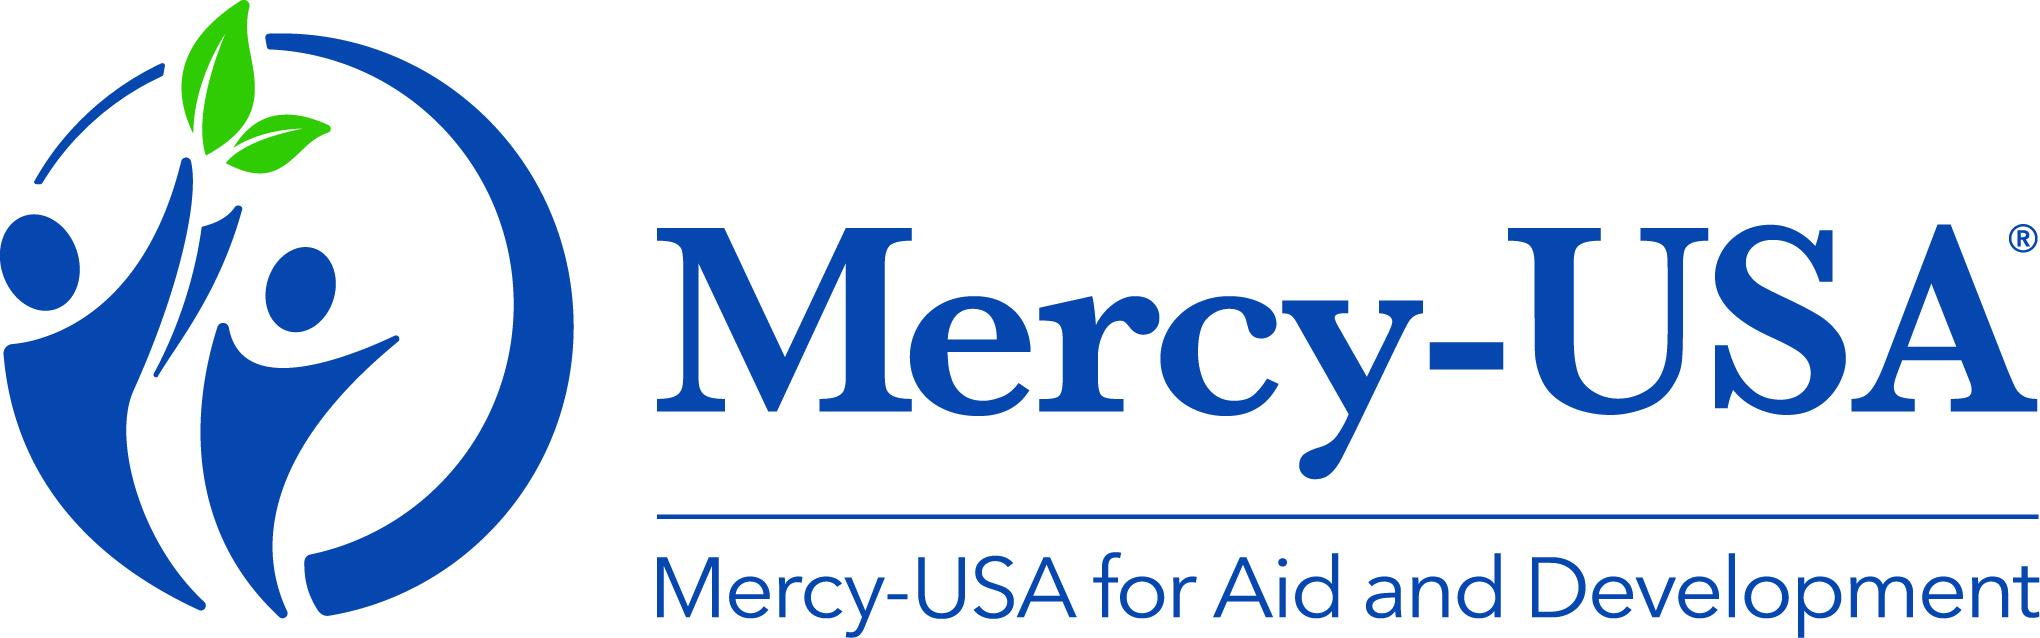 mercy-usalogo4c (2).jpg